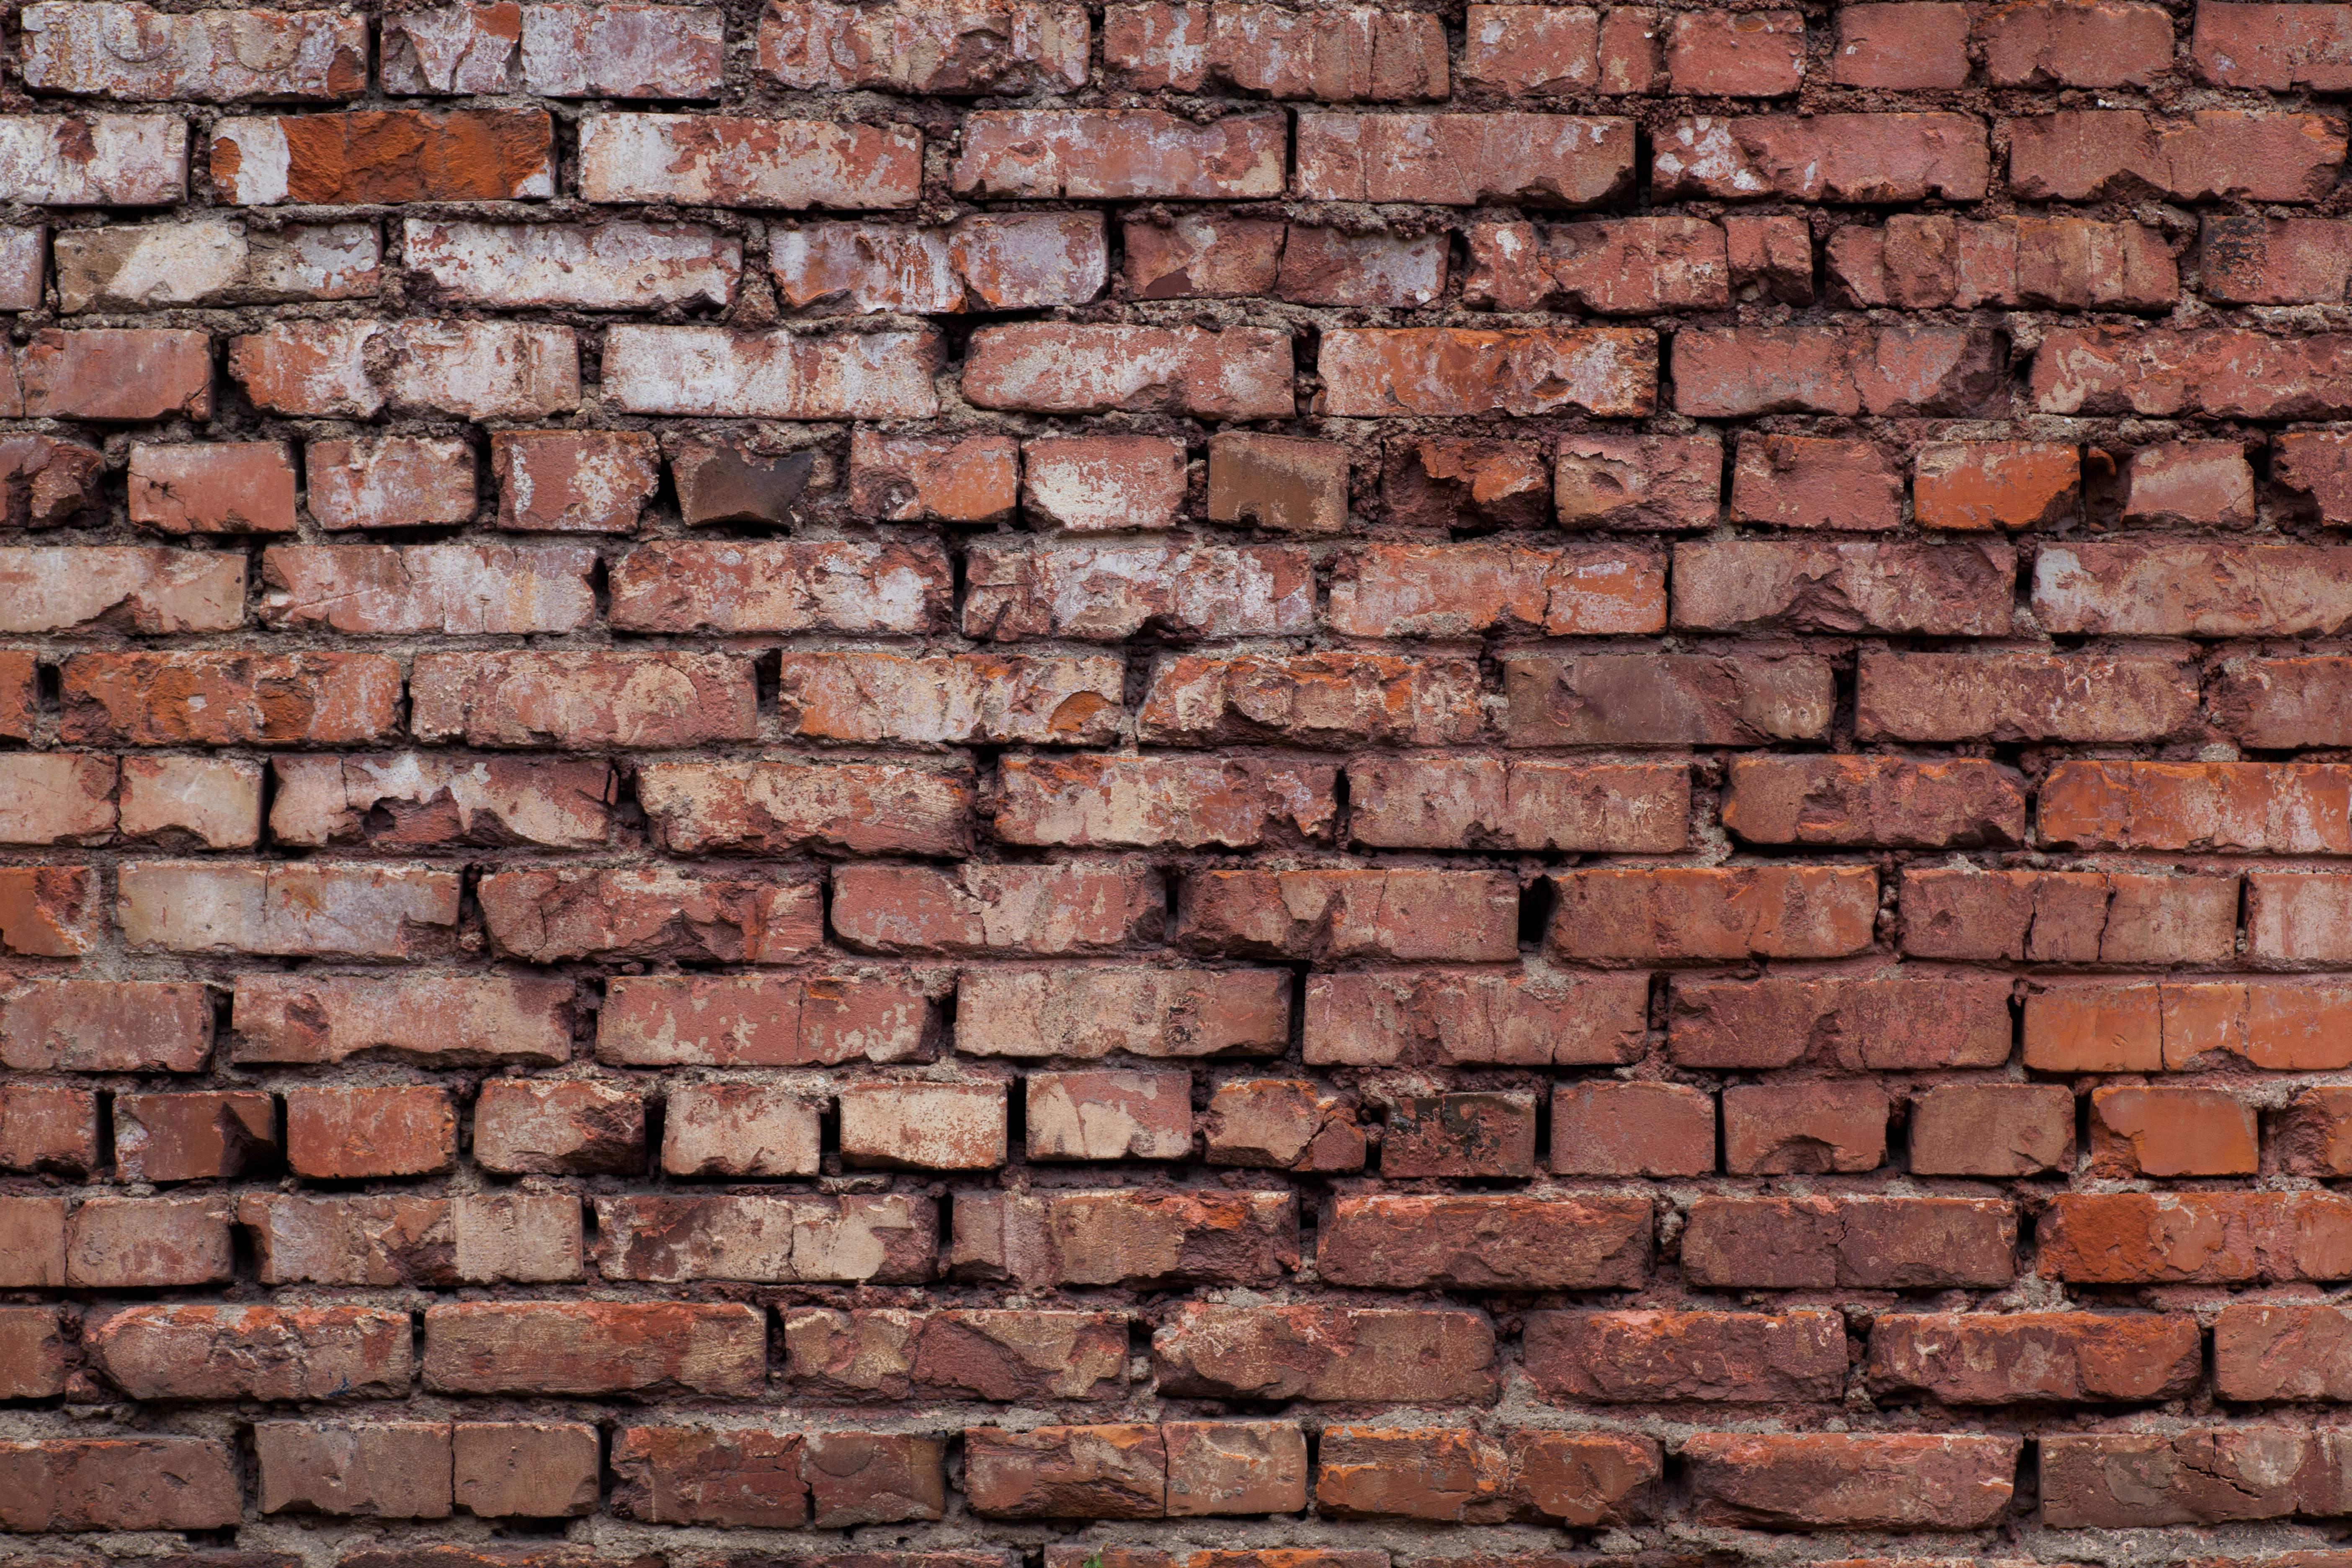 фото высокого разрешения кирпичная стена комод для